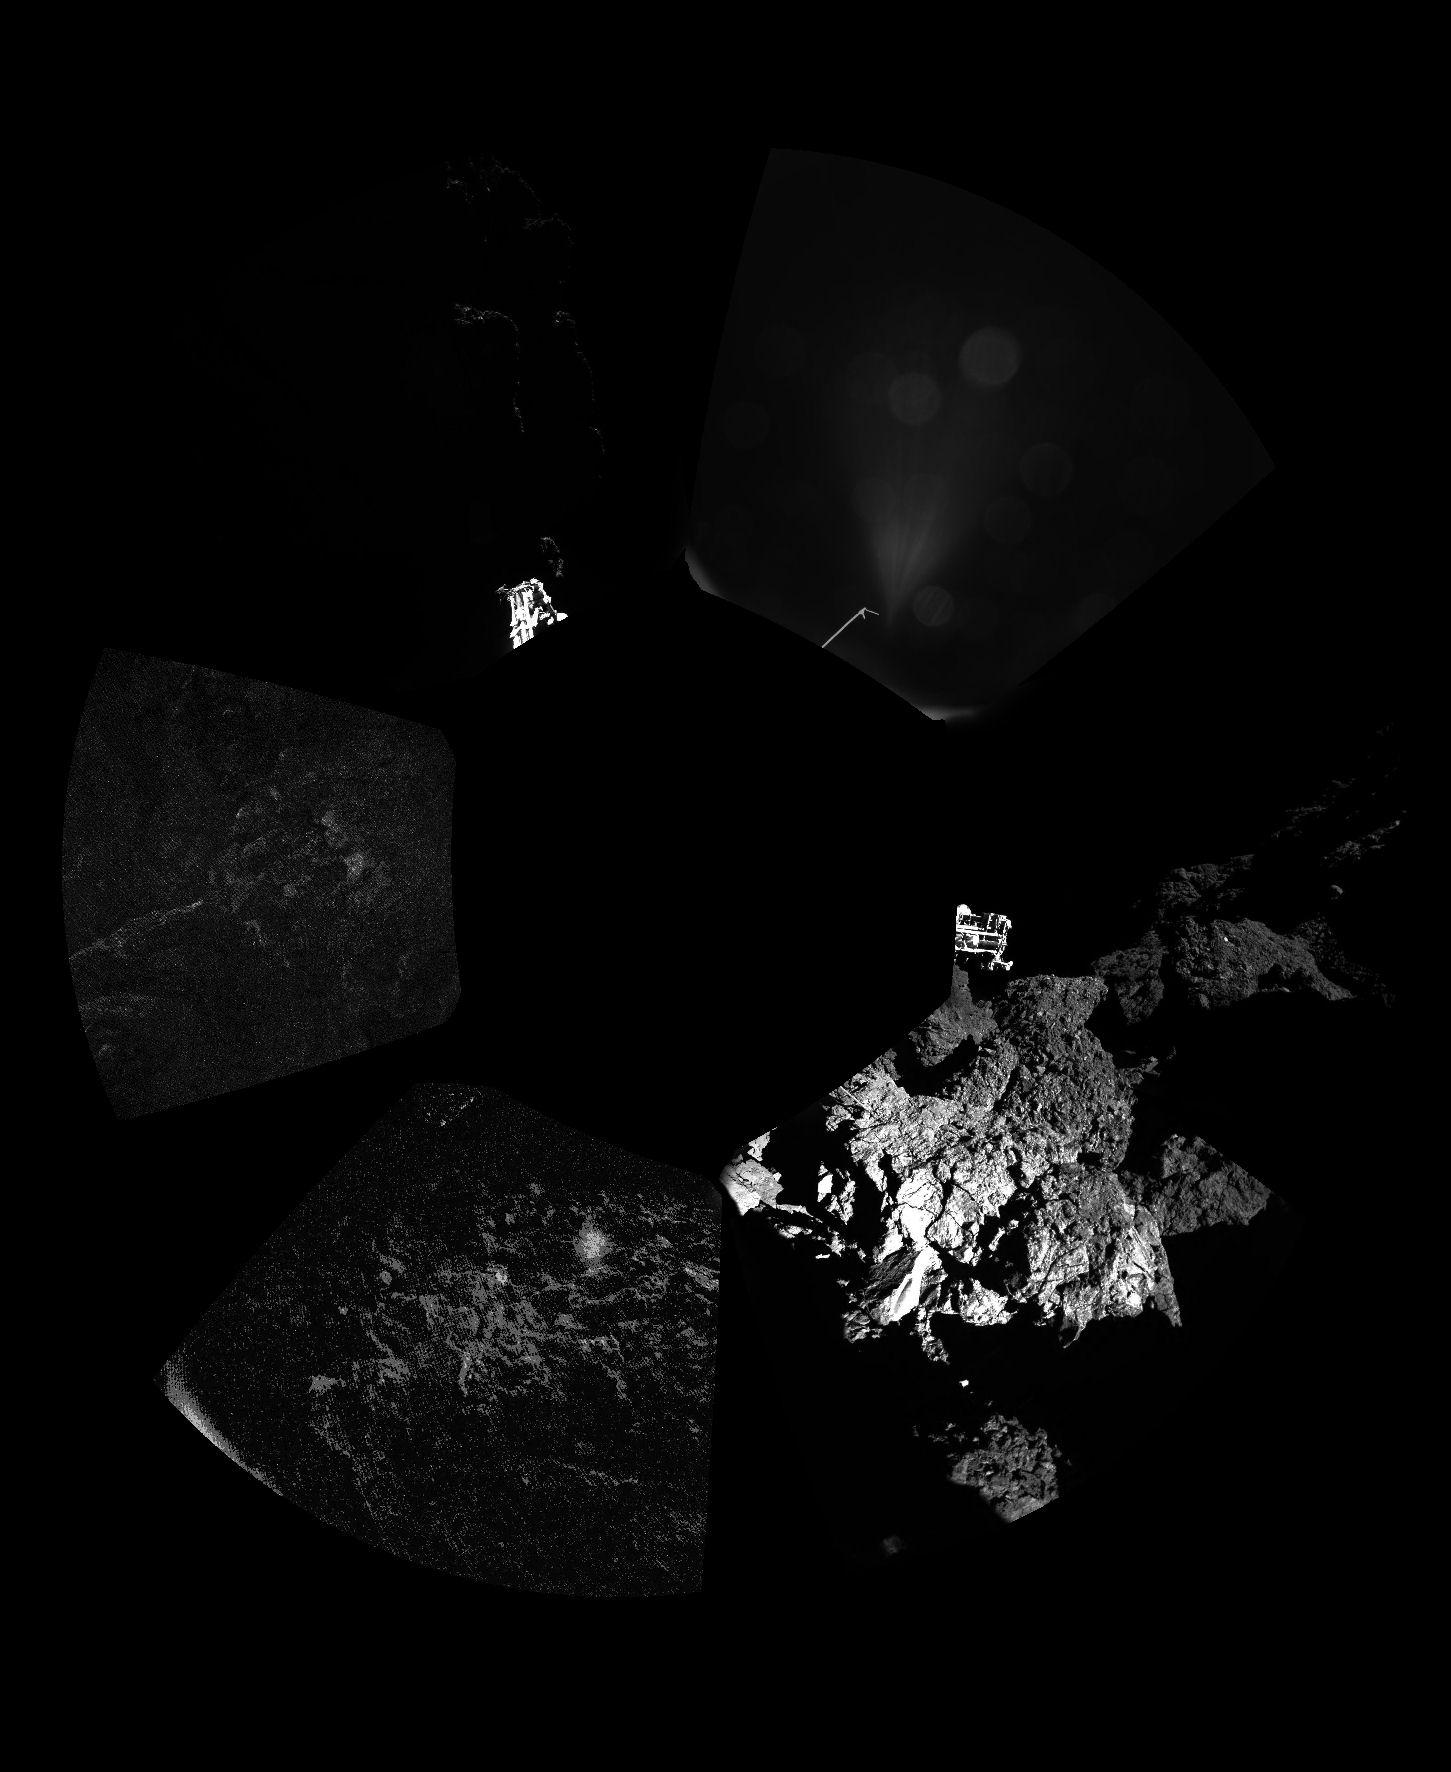 esa rosetta philae landing - HD1451×1771